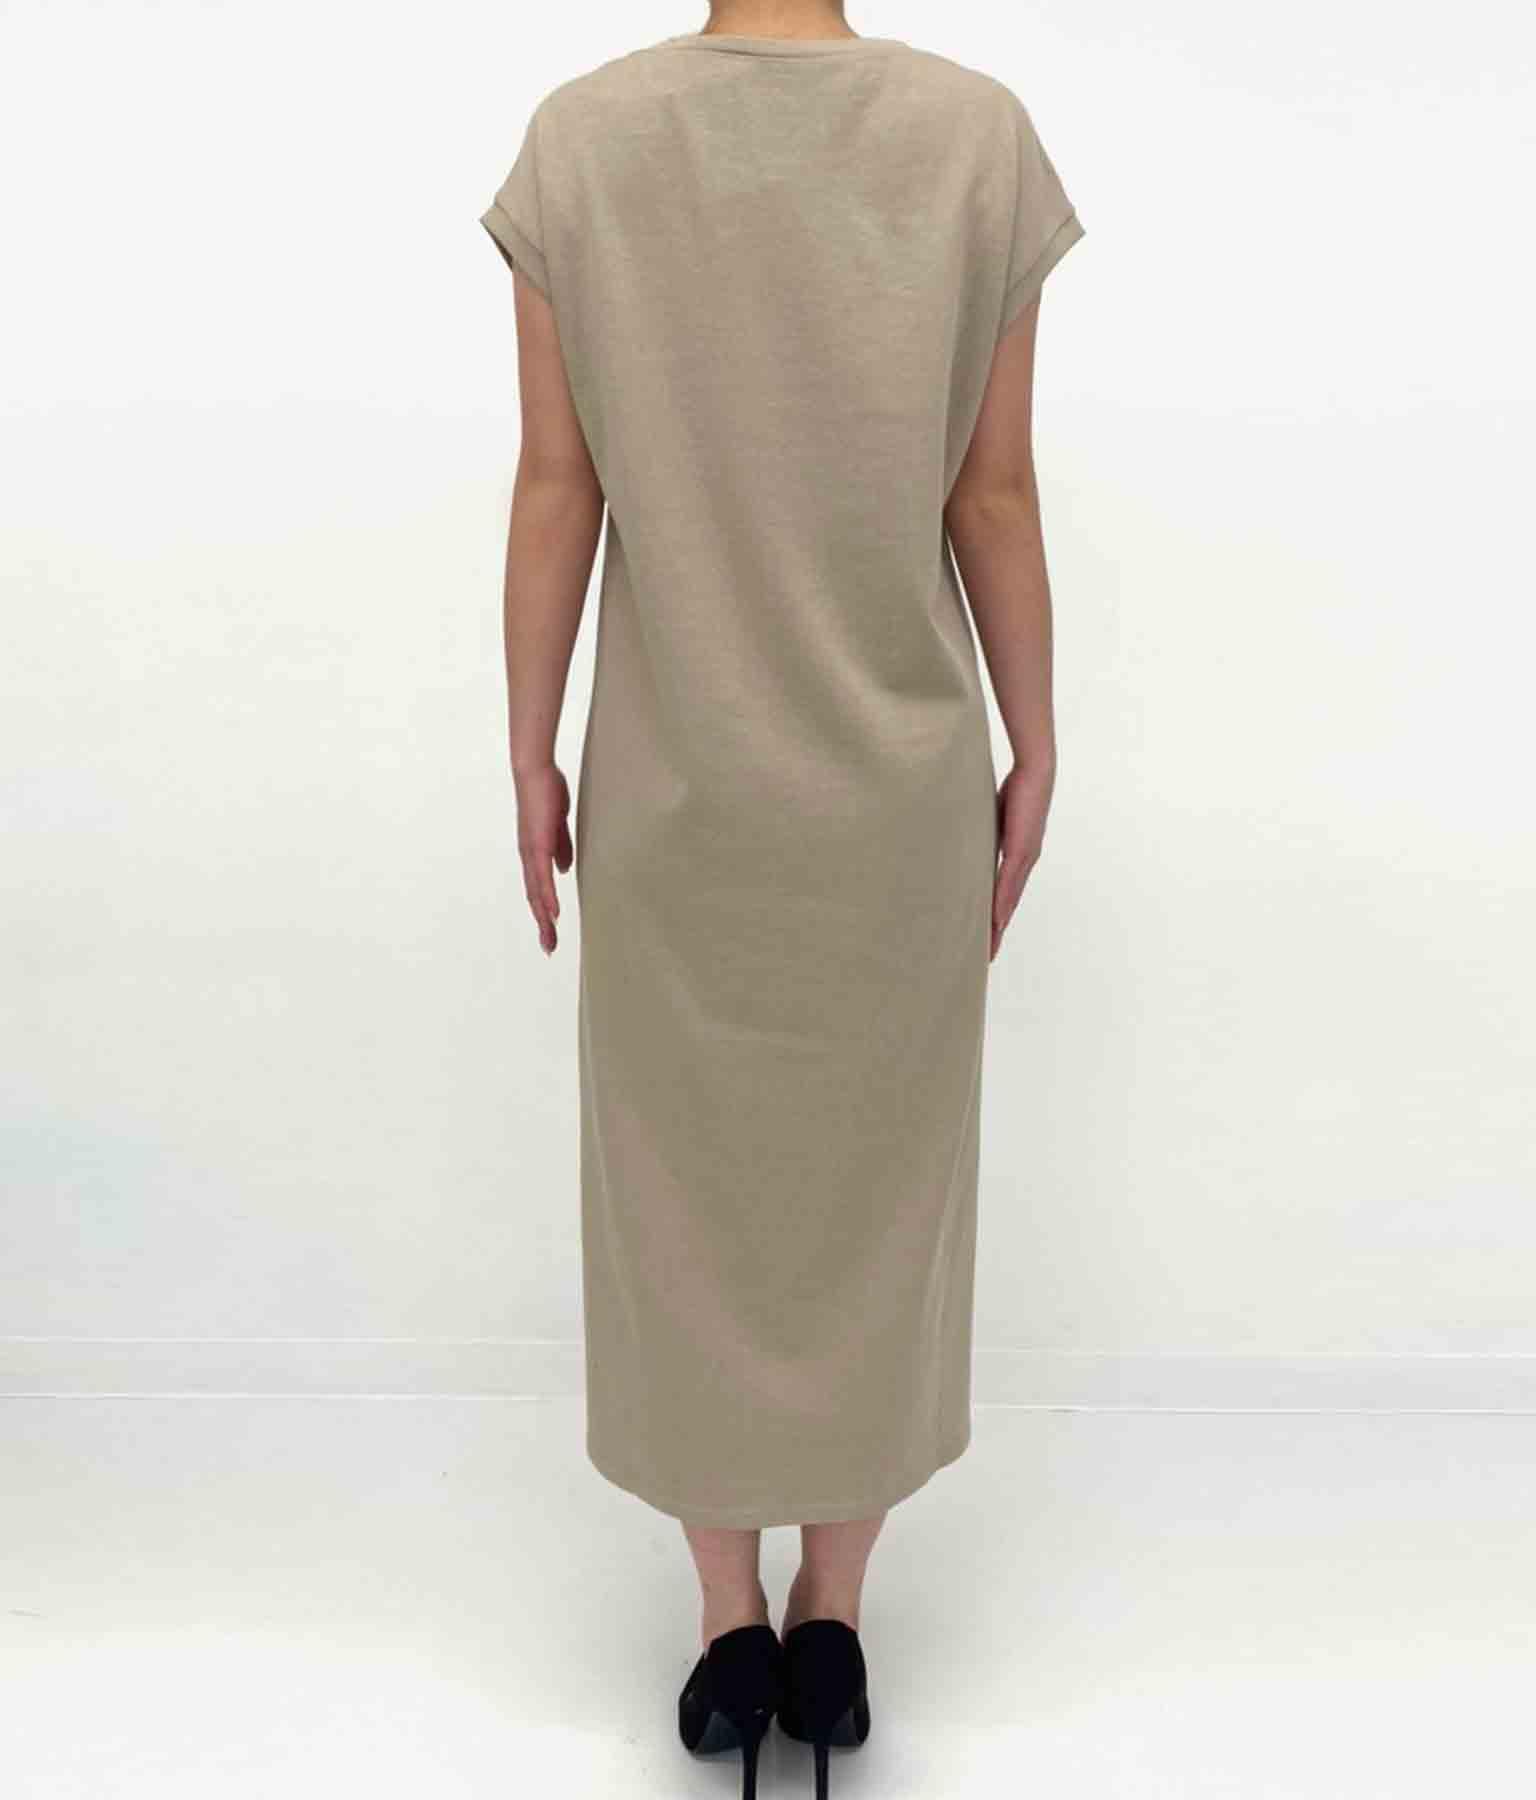 フレンチスリーブクルーネックシンプルワンピース(ワンピース・ドレス/ロングワンピ) | CHILLE